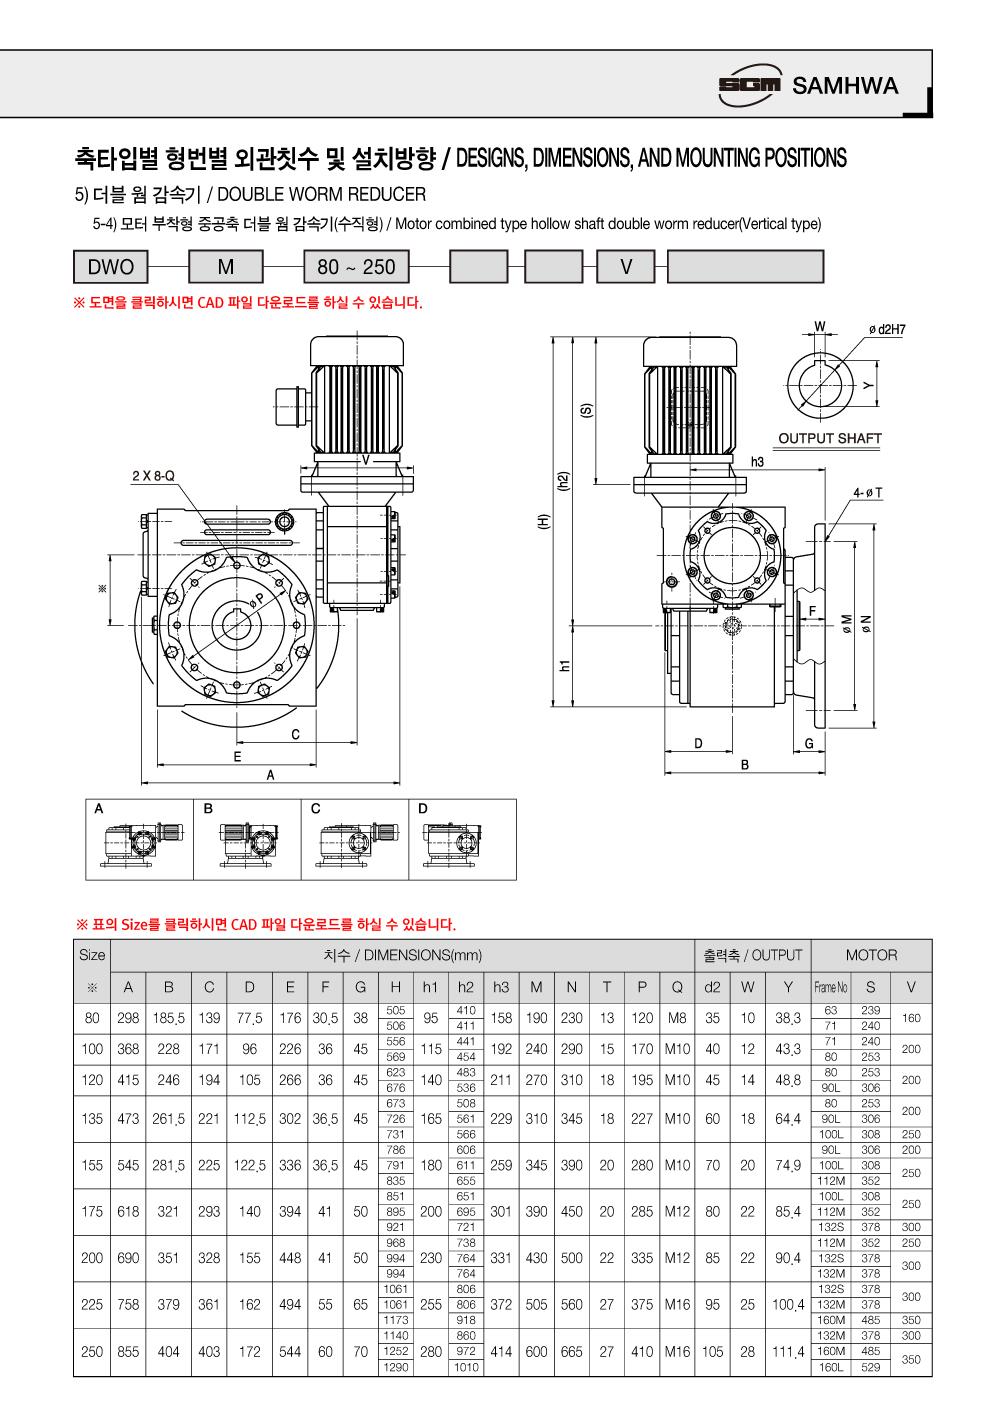 (주)삼화감속기 모터 부착형 중실축 더블 웜 감속기 (수직)